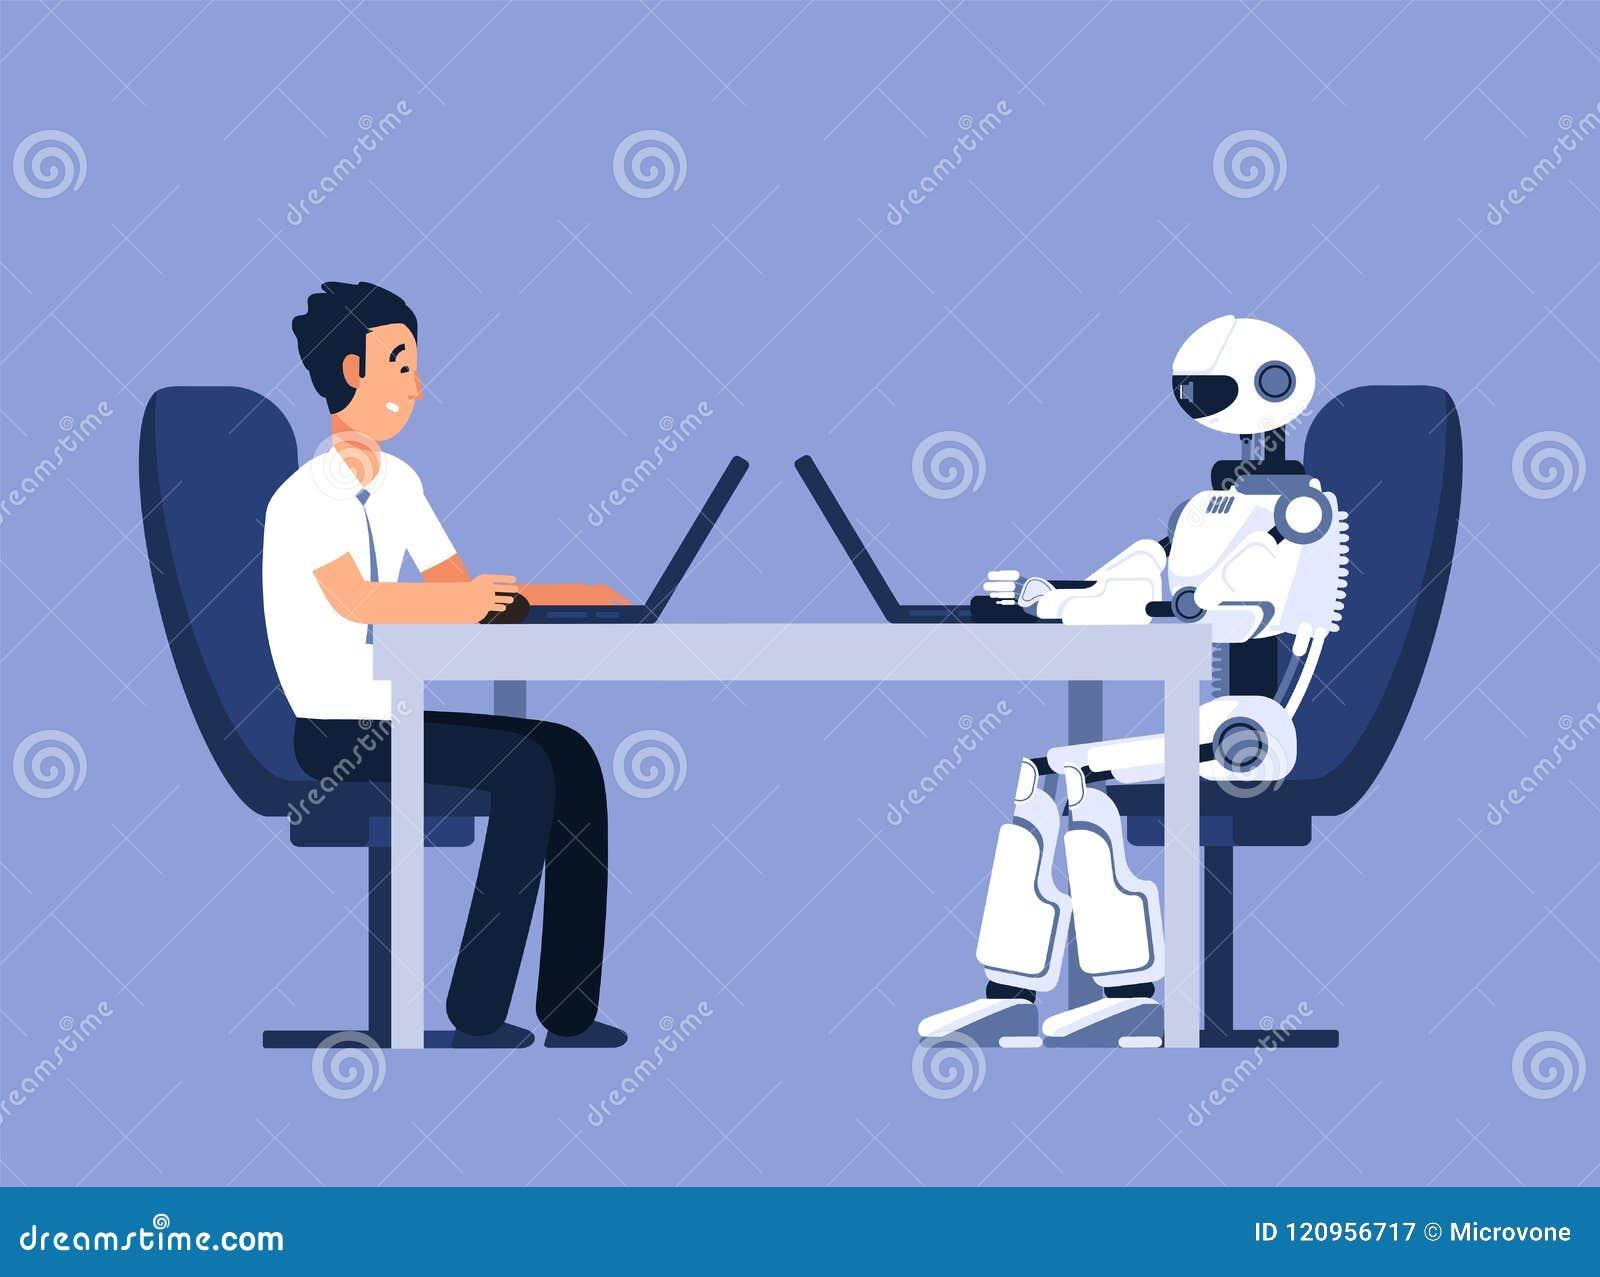 Ρομπότ και επιχειρηματίας Ρομπότ εναντίον της ανθρώπινης, μελλοντικής σύγκρουσης αντικατάστασης AI, διανυσματική έννοια τεχνητής